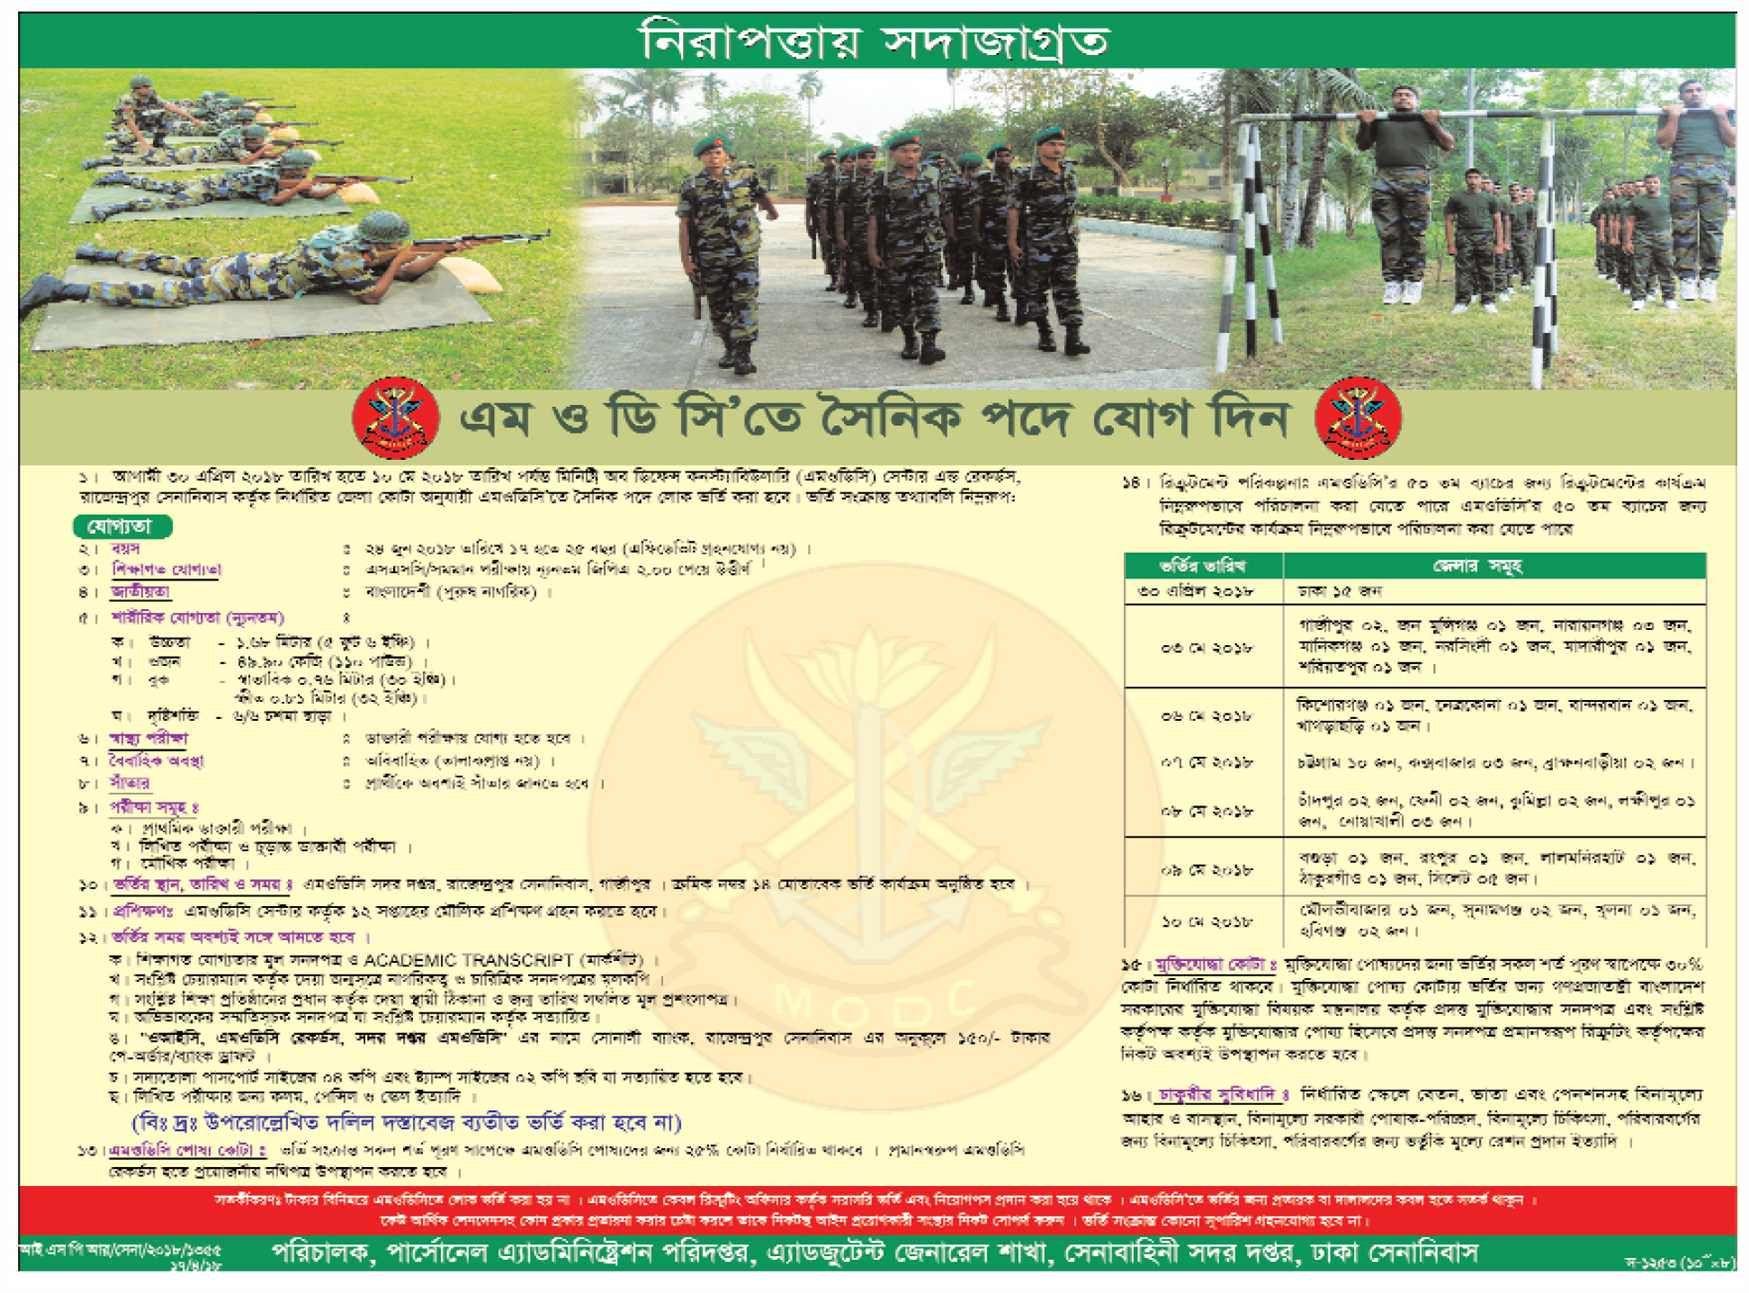 বাংলাদেশ সেনাবাহিনীর নতুন নিয়োগ বিজ্ঞপ্তি প্রকাশ Job